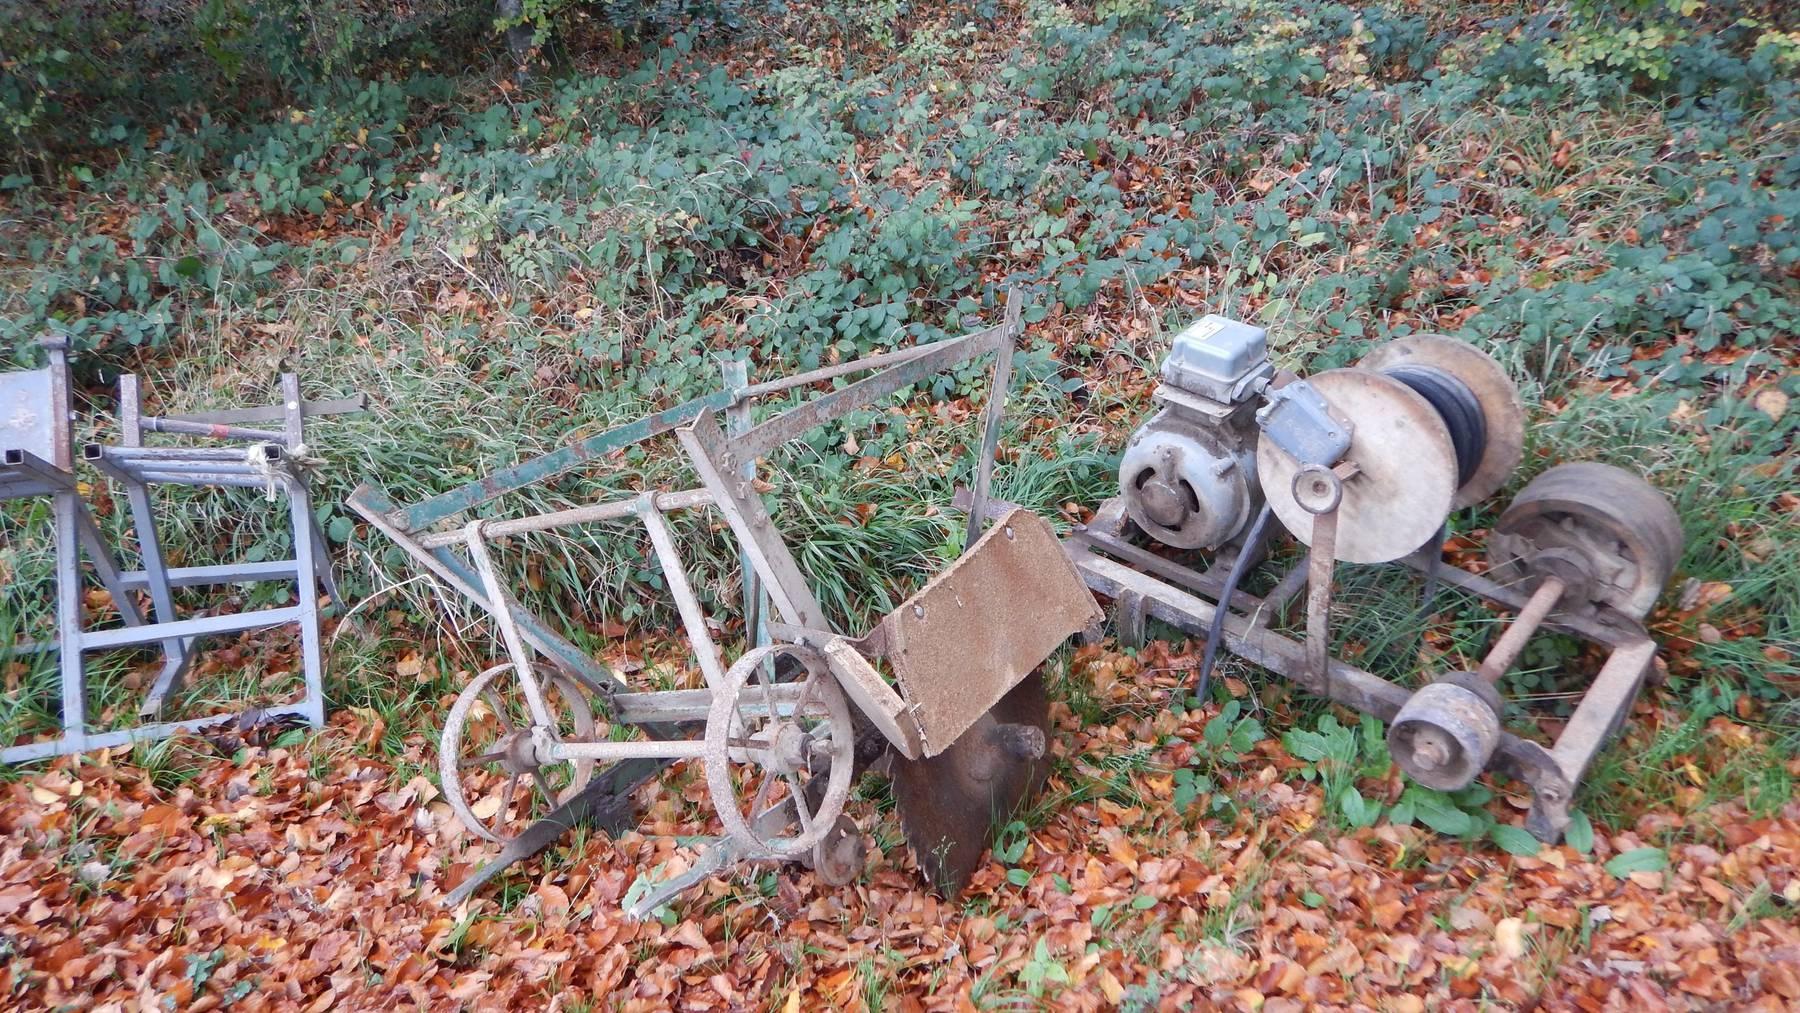 Unbekannte entsorgten mehrere antike Werkstattmaschinen im Wald.